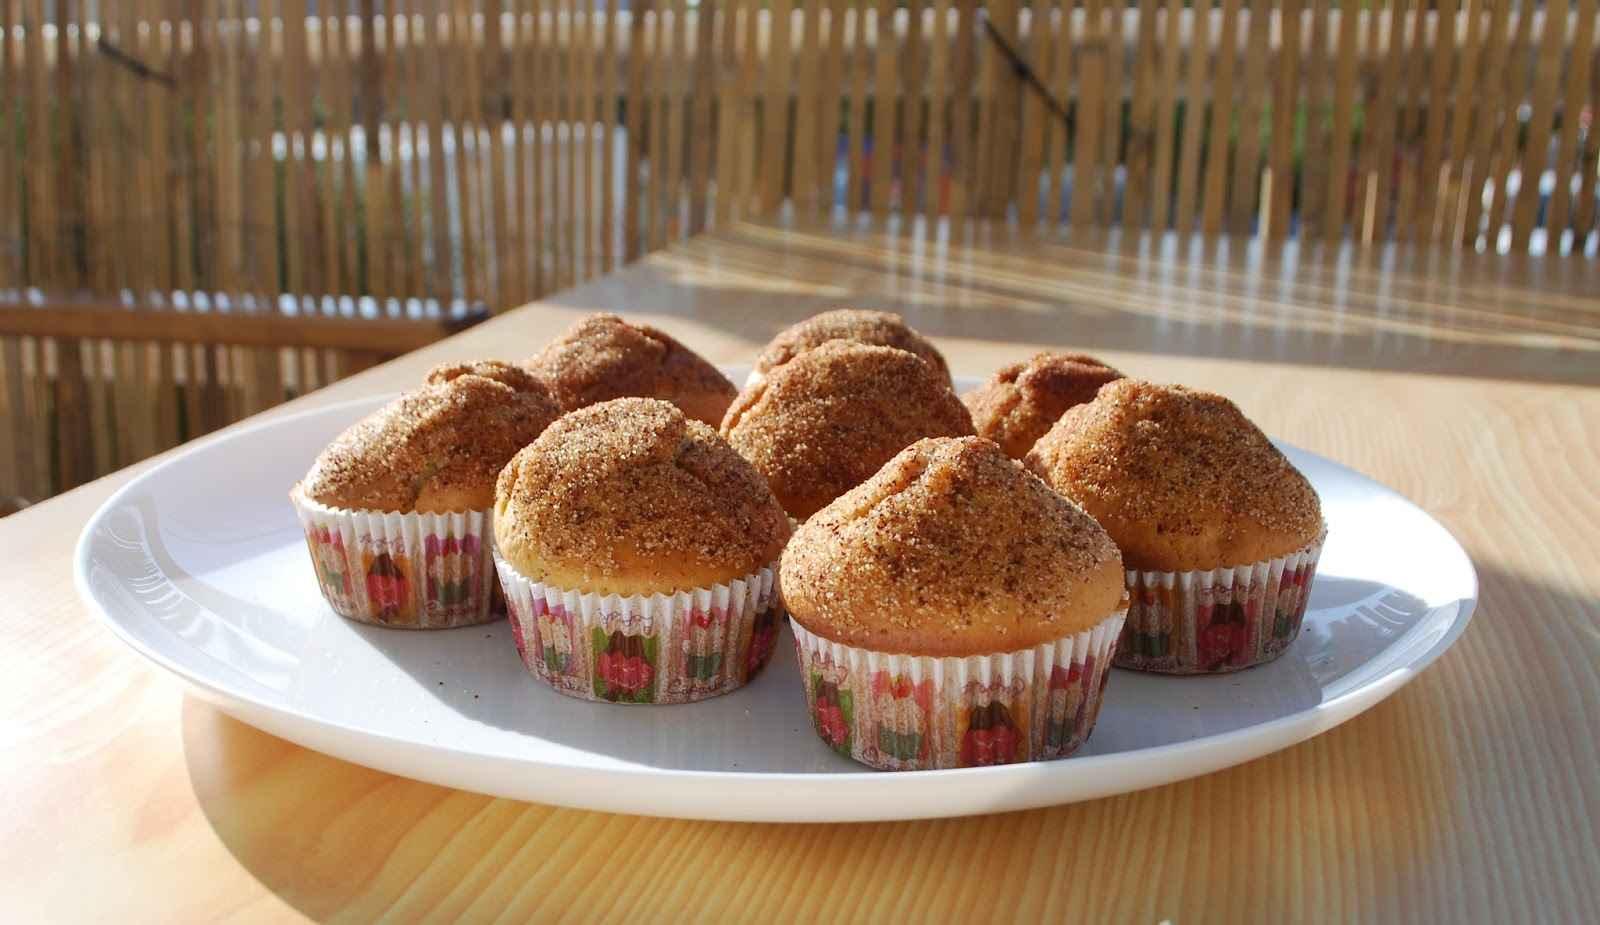 Muffins λουκουμάδες για το παιδικό πάρτι!